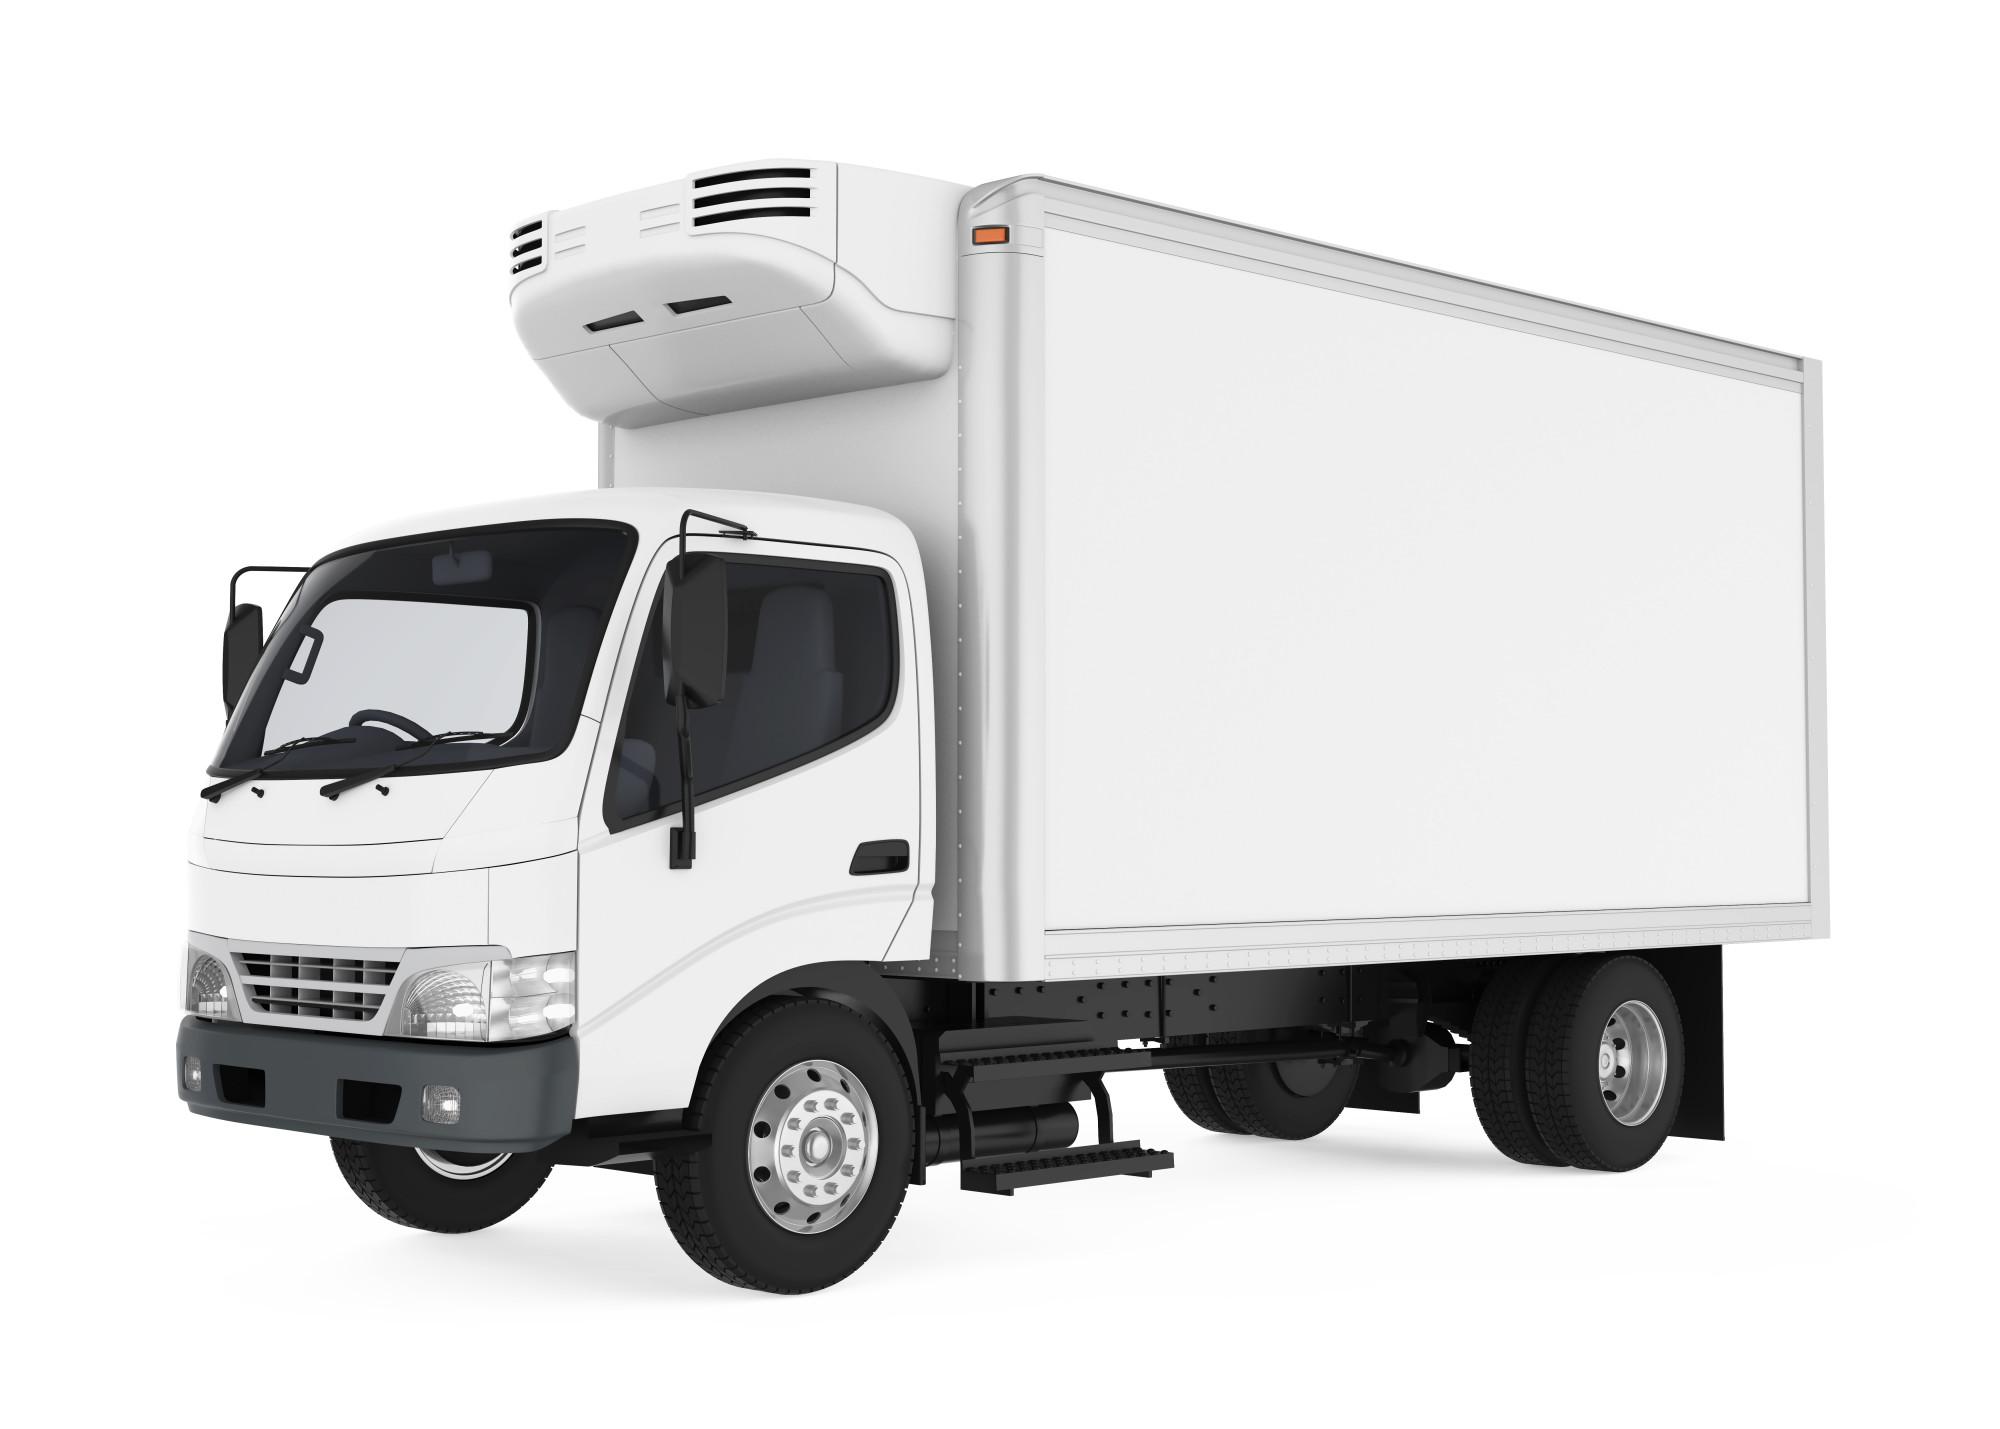 Box Trucks for Businesses